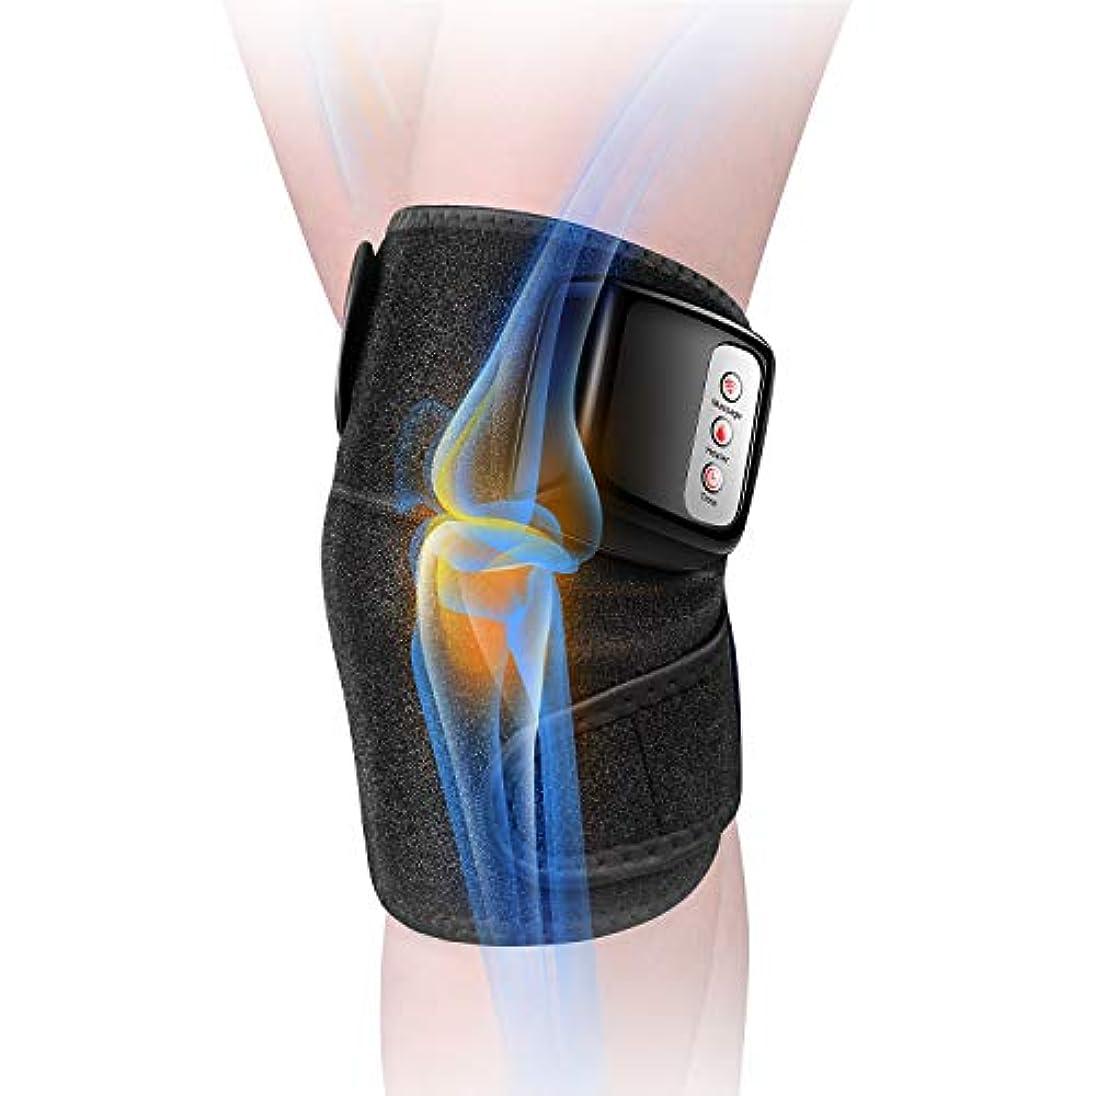 量で適度にエンジン膝マッサージャー 関節マッサージャー マッサージ器 フットマッサージャー 振動 赤外線療法 温熱療法 膝サポーター ストレス解消 肩 太もも/腕対応